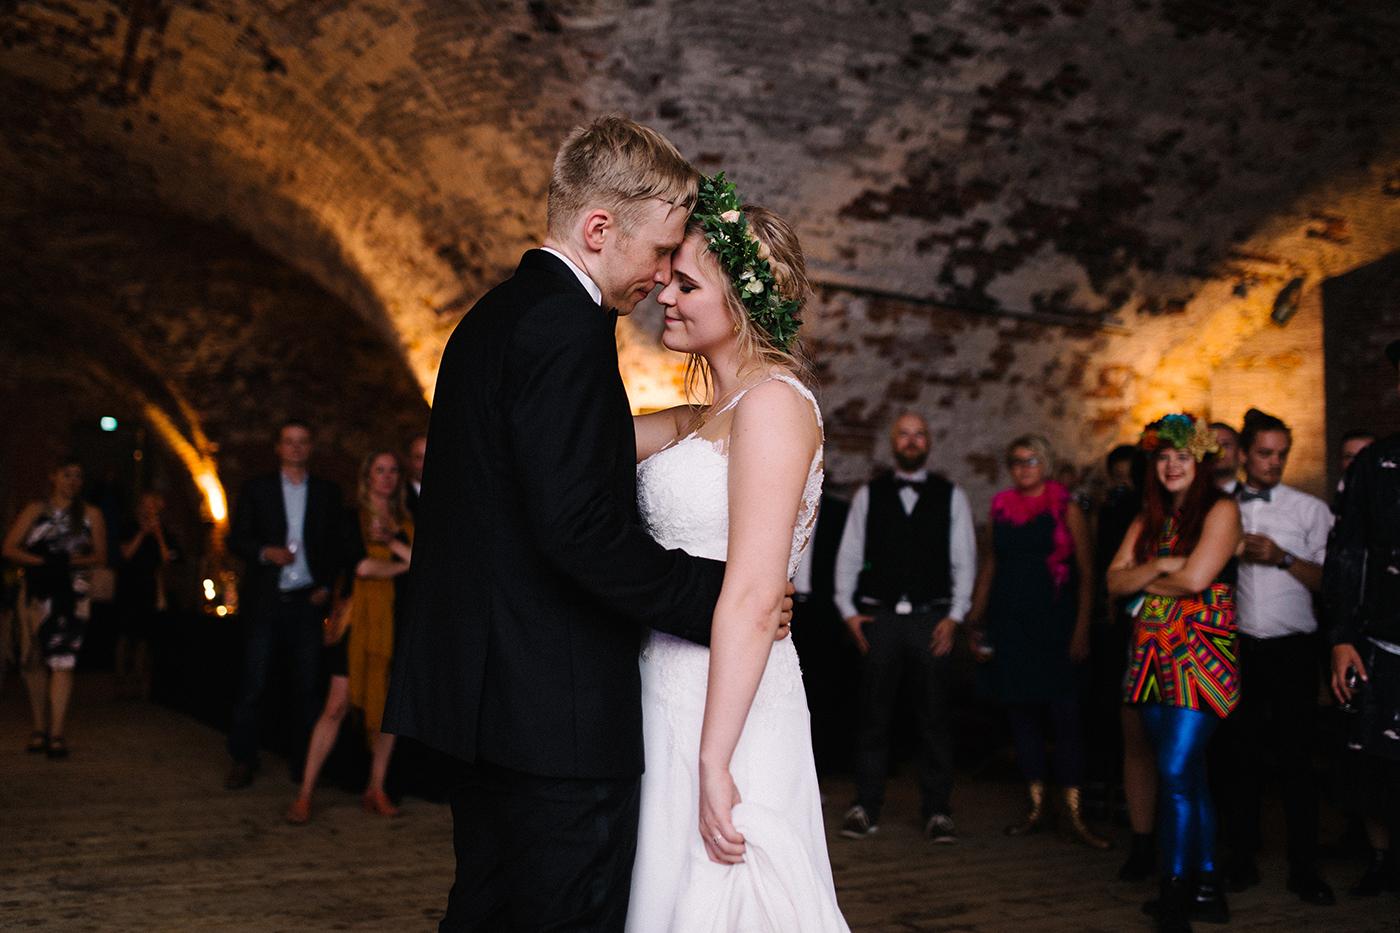 Indie Glam Wedding Tenalji von Fersen Suomenlinna (132).jpg